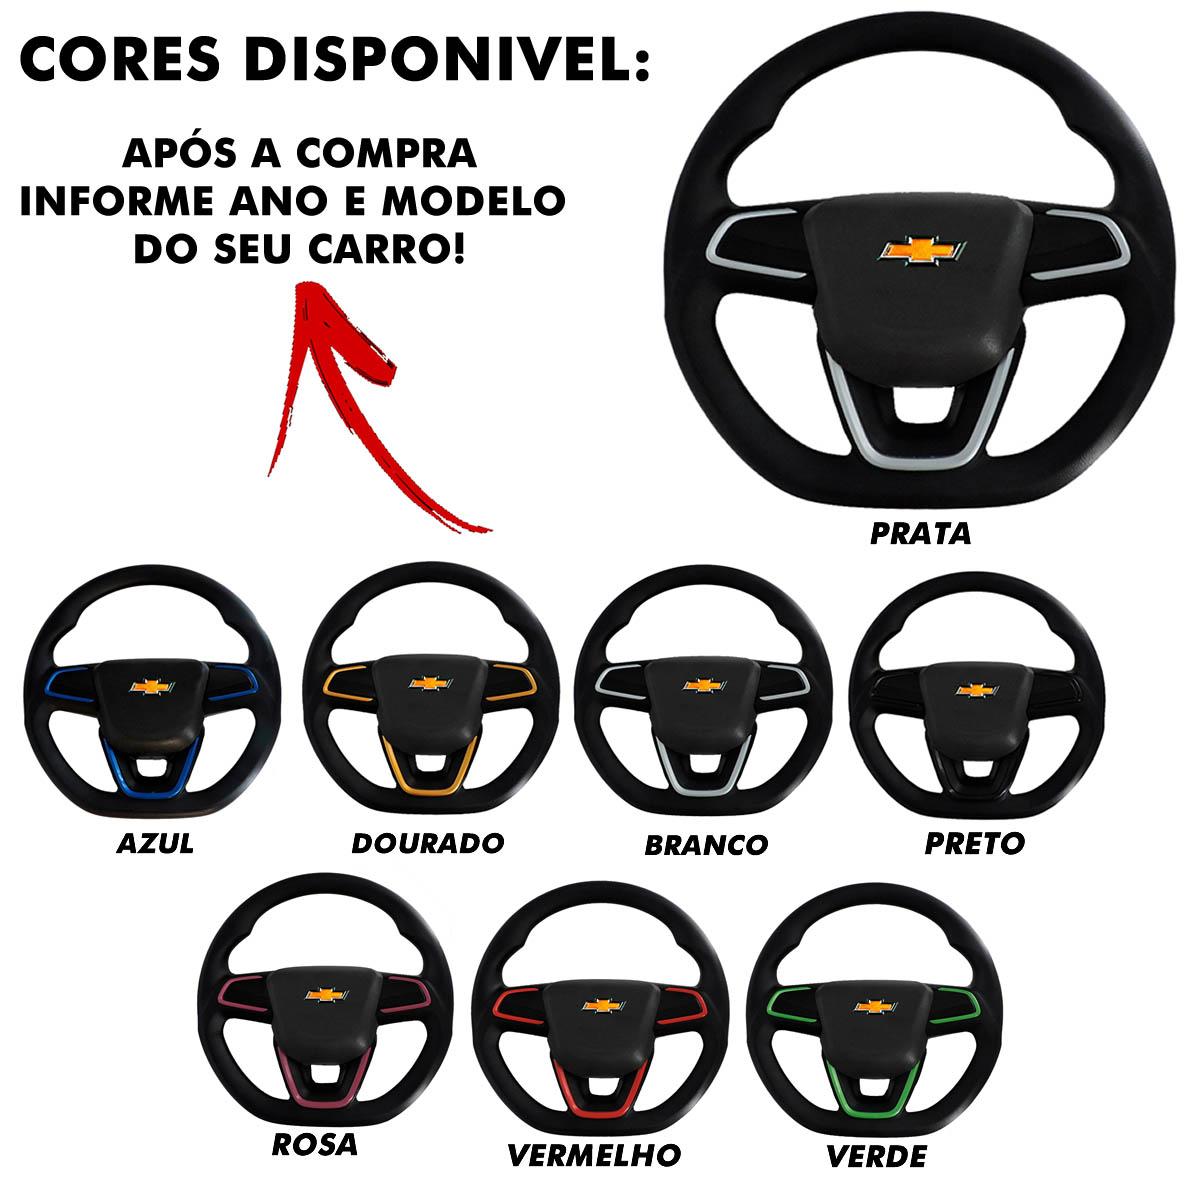 Volante Chevrolet Nova Montana Esportivo Cubo do Vectra Astra 1993 a 2011 Meriva Zafira 2000 a 2013 Poliparts